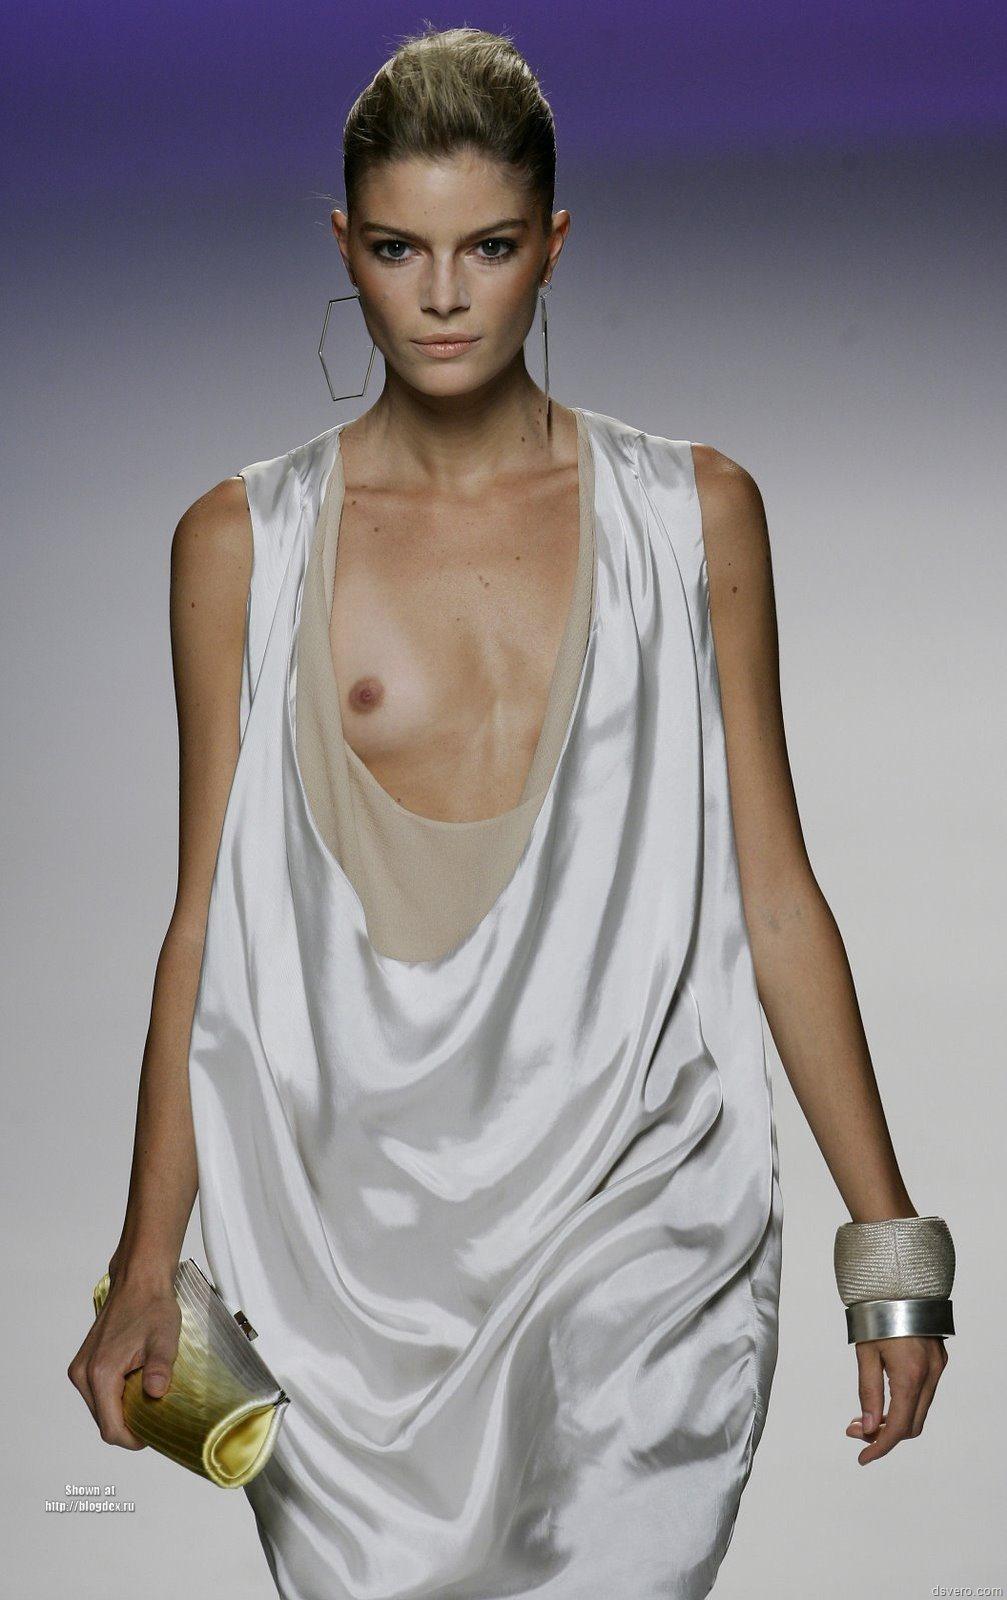 Обнаженная Грудь Мода